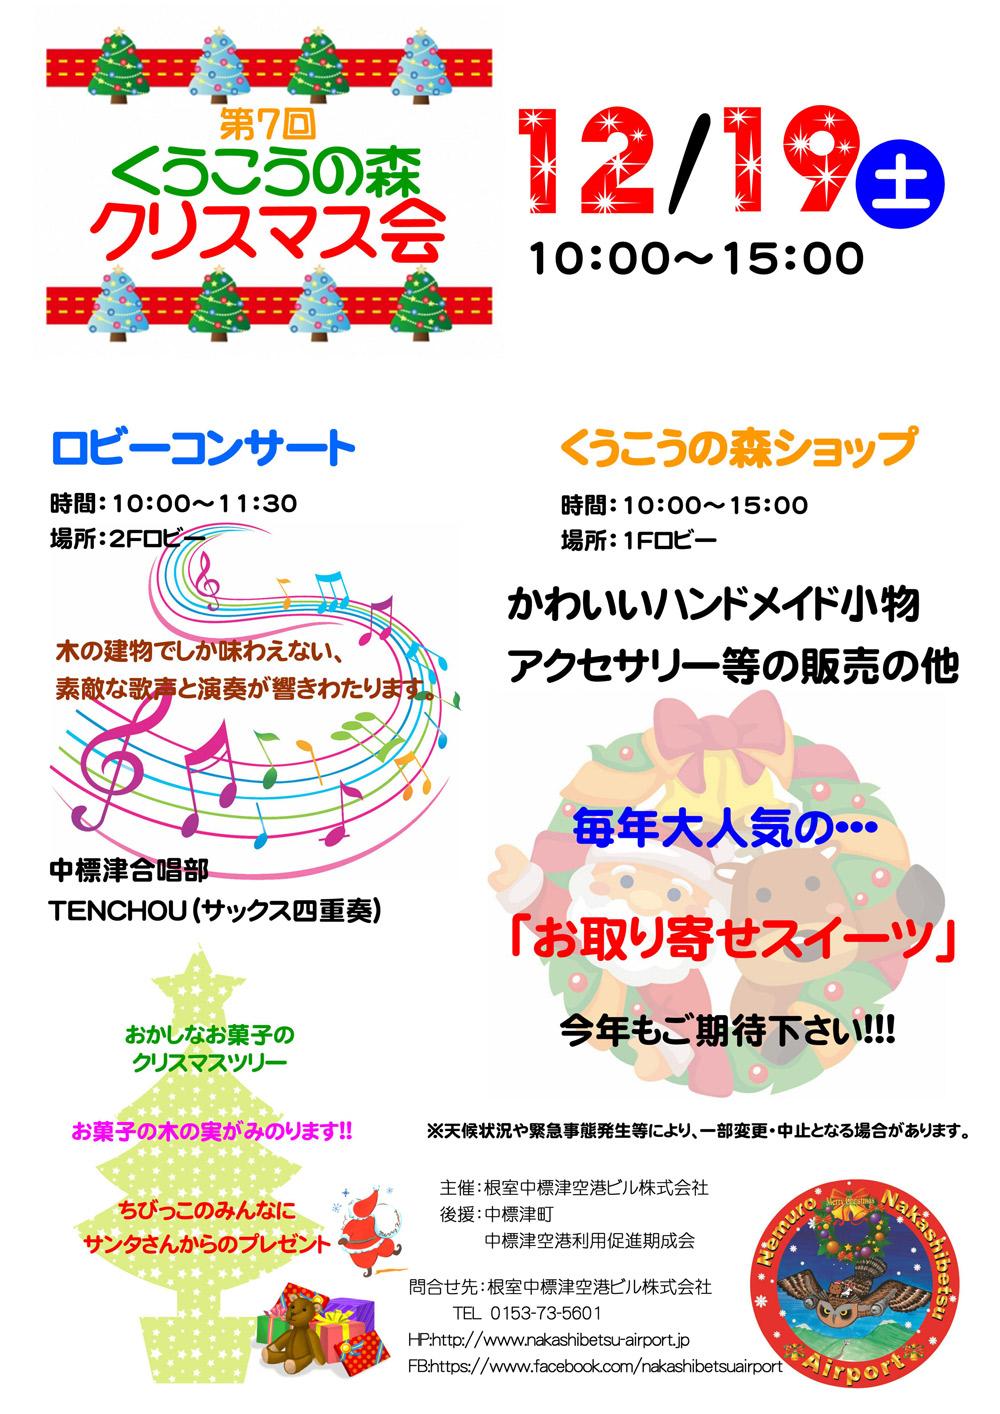 http://www.nakashibetsu-airport.jp/0001%20%282%29.jpg